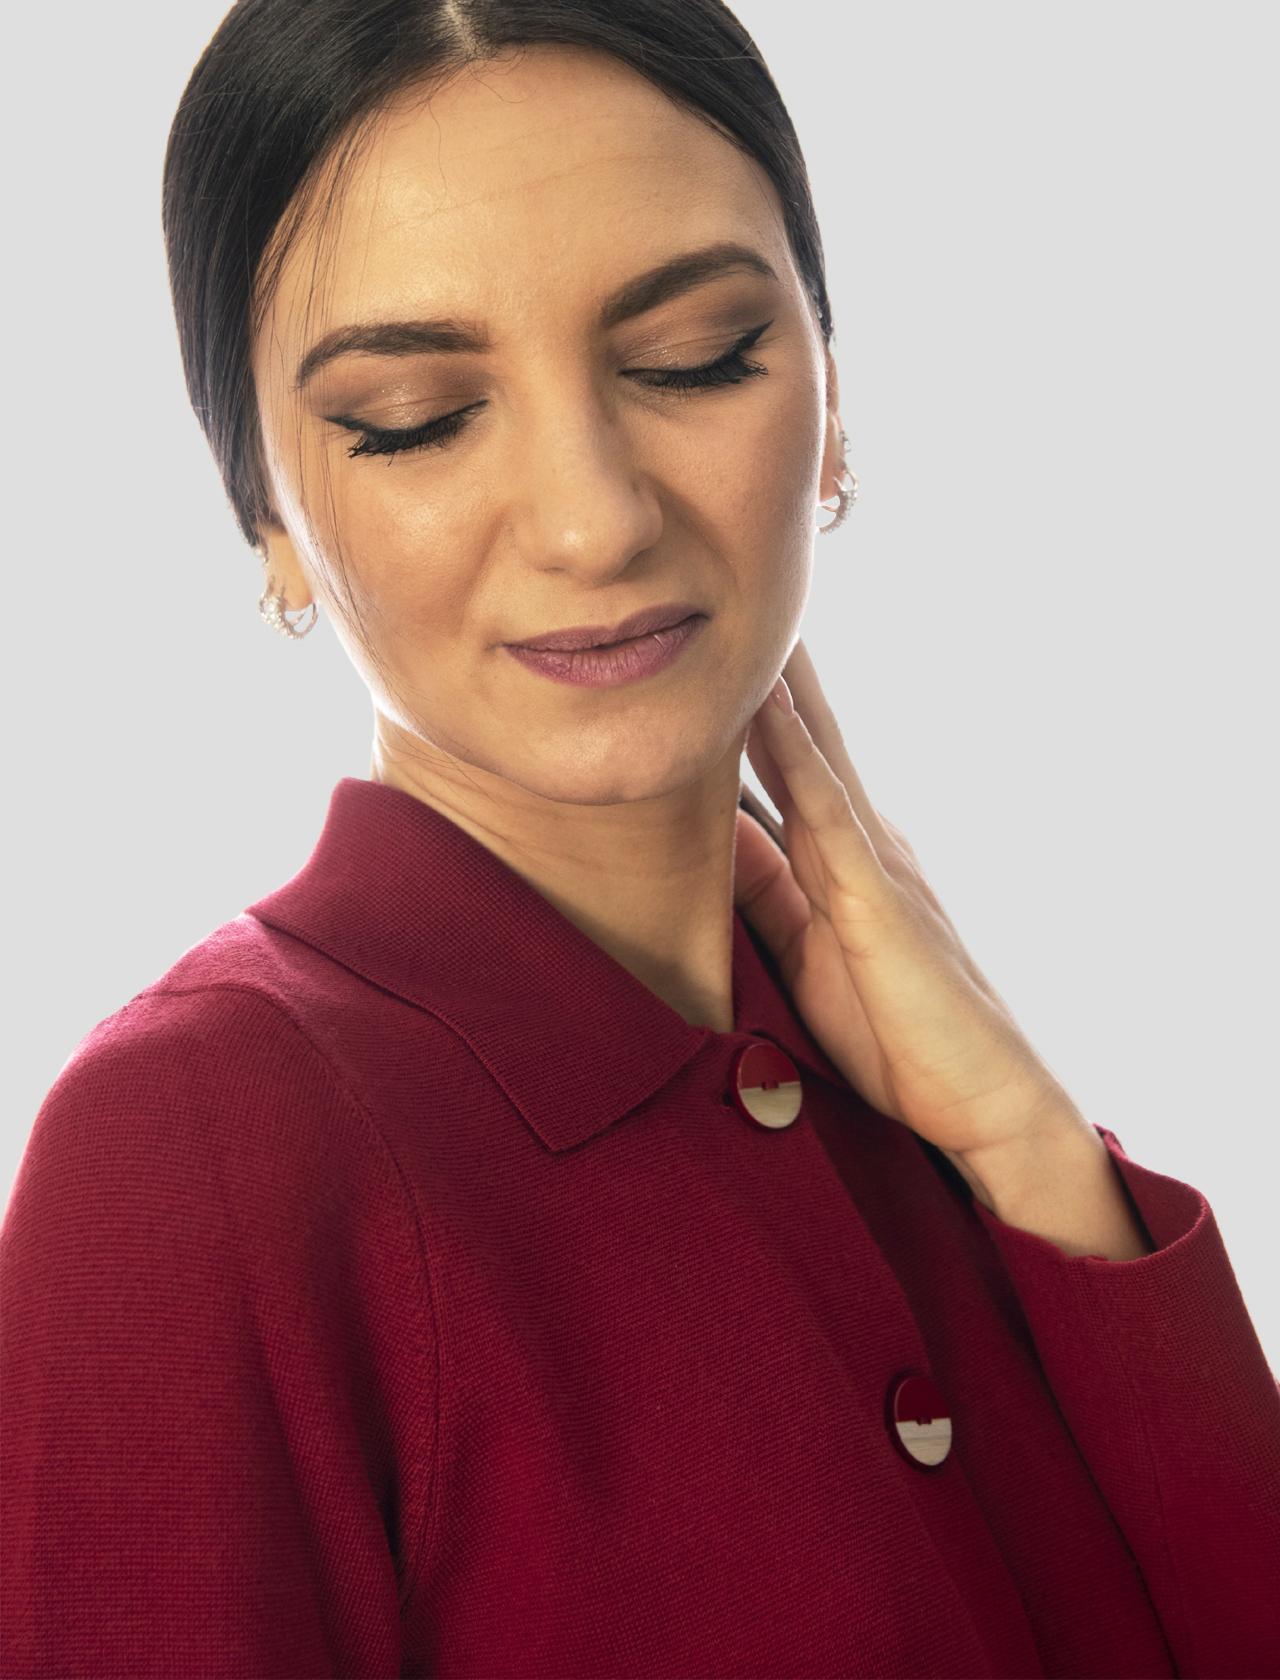 Abbigliamento Donna Giacca Camicia Unit Milano Stitch in Cotone Porpora 3 Bottoni Maliparmi | Giacche e giubbini | JD63937029830032